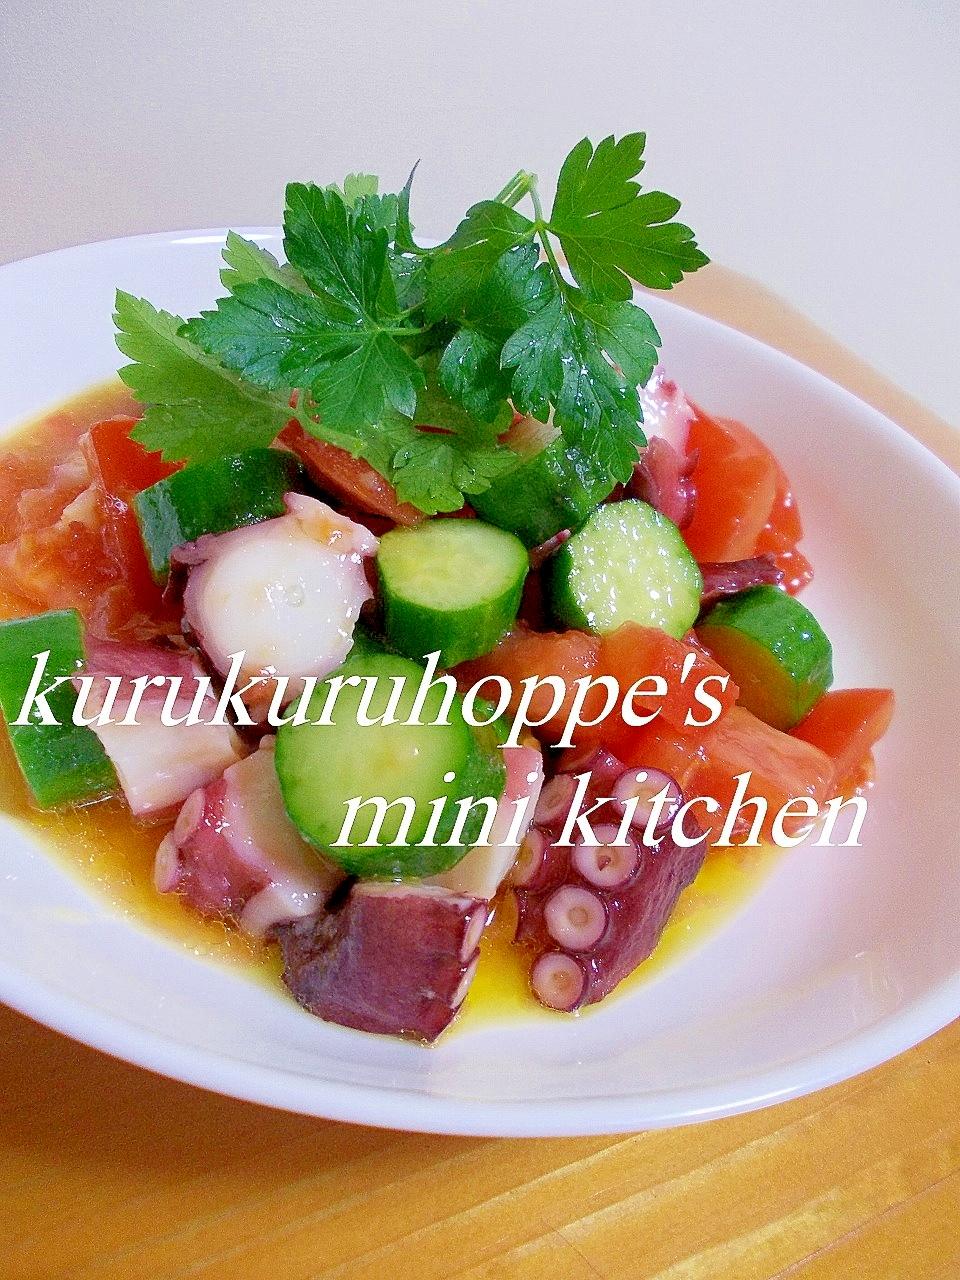 タコ・トマト・キュウリのガーリックサラダ